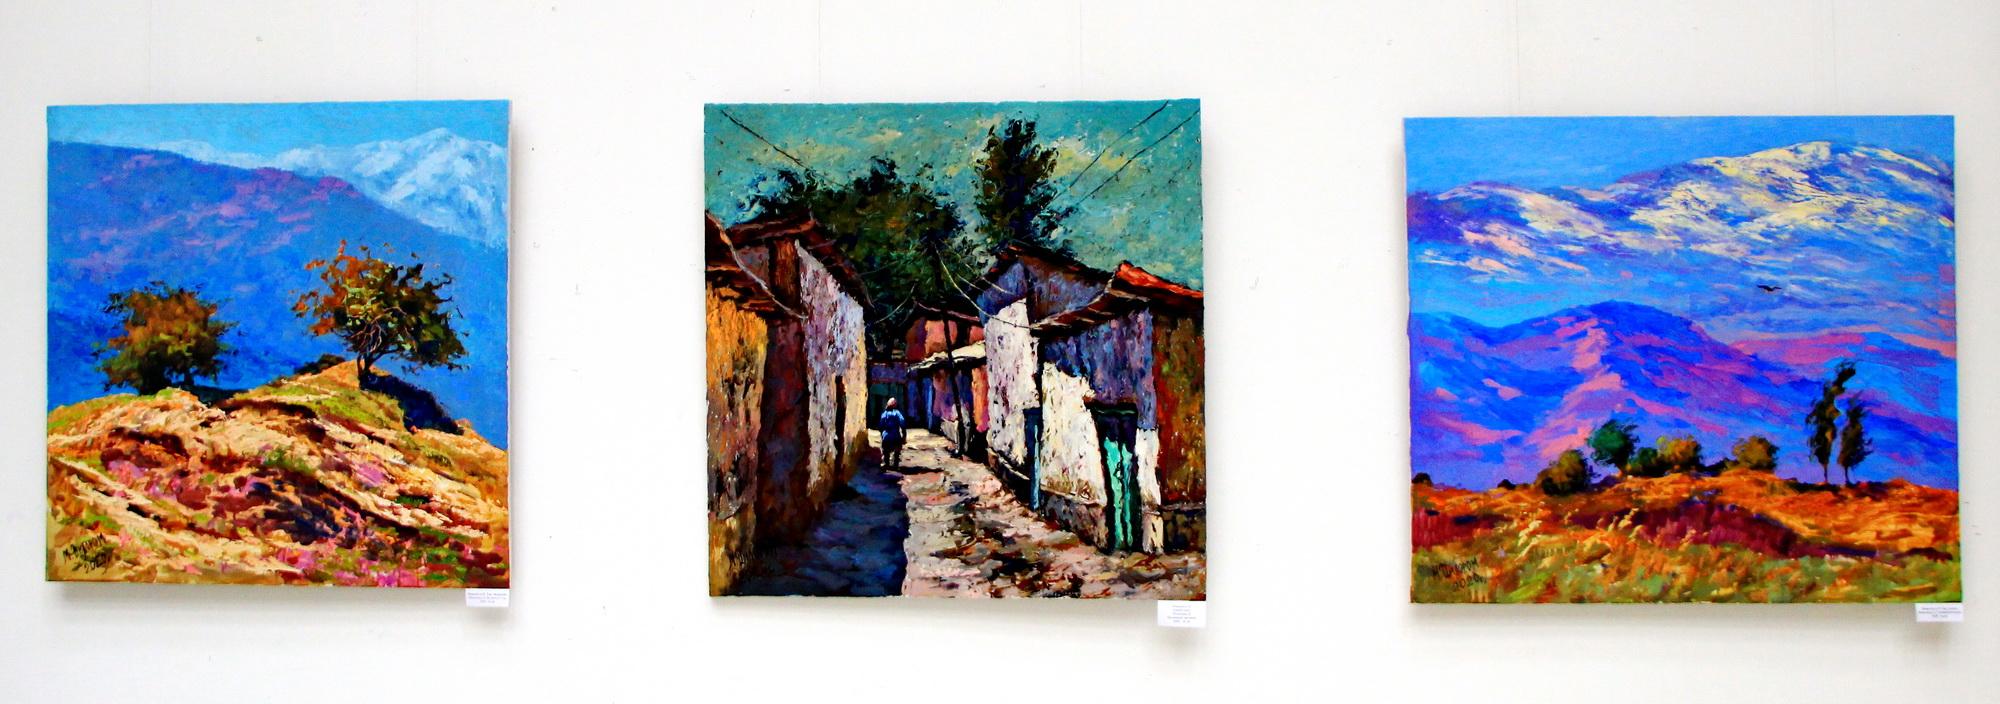 Экспозиция работ Мамедовой Дилором.